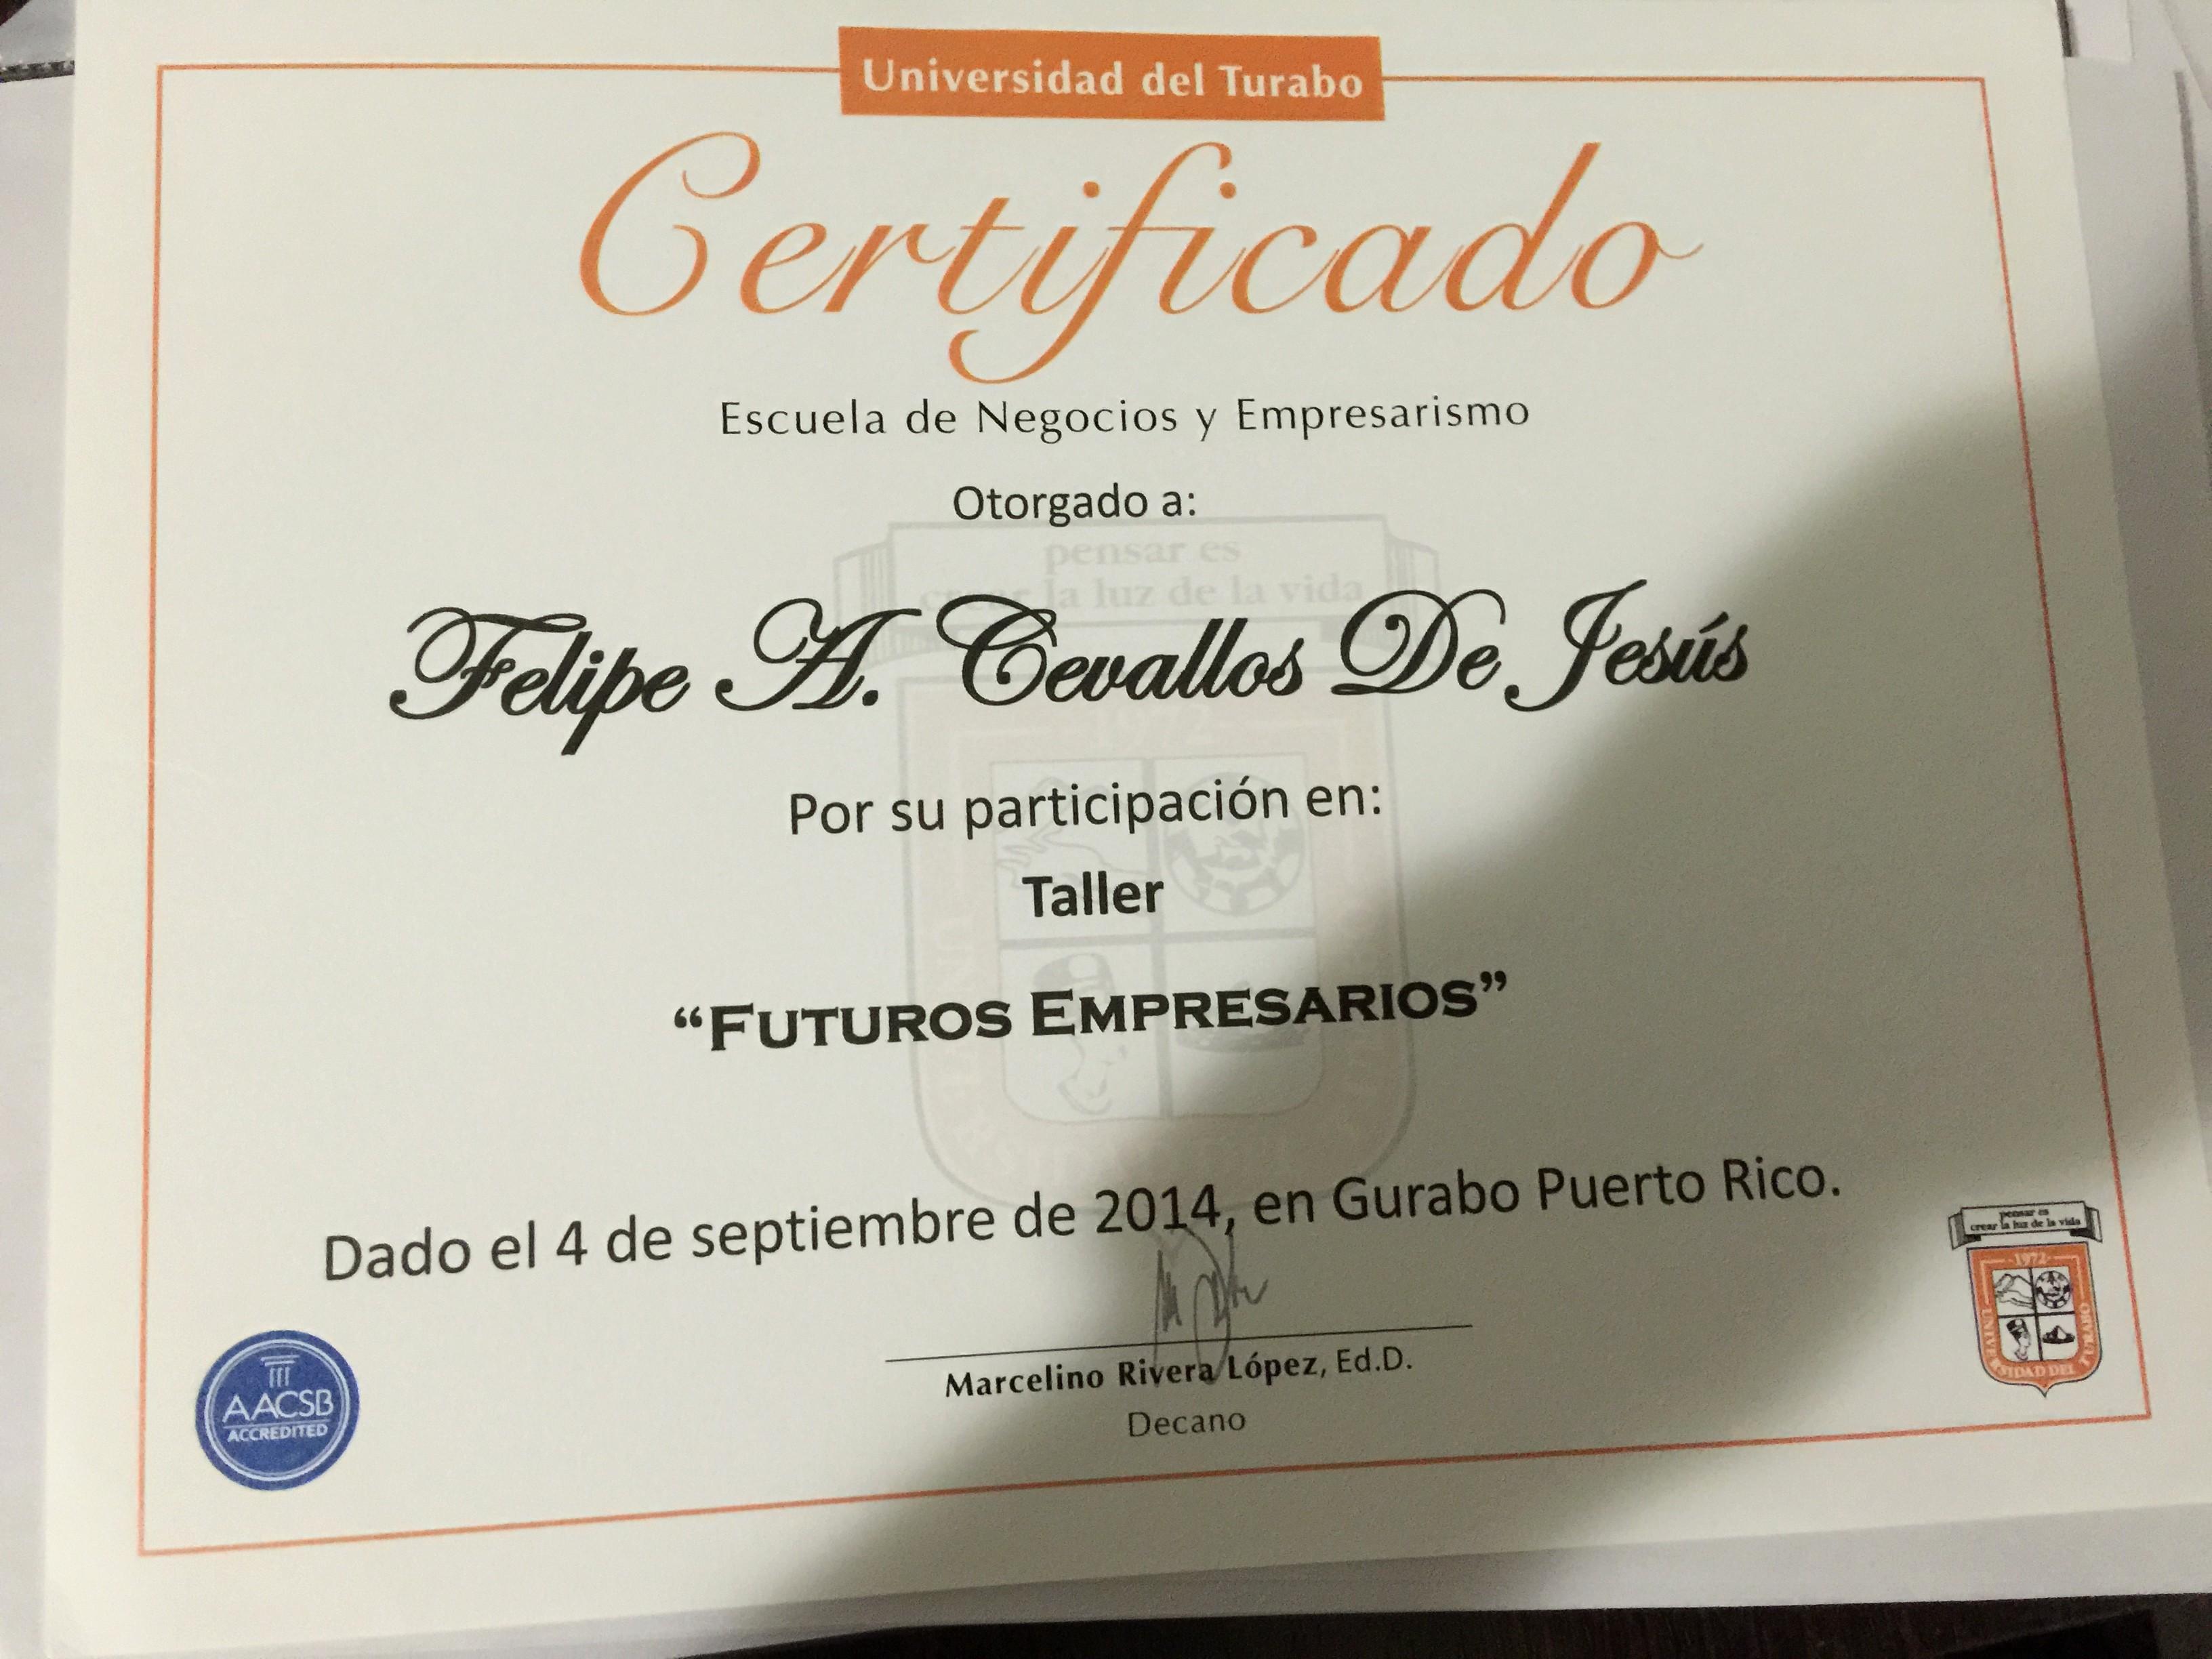 Ejemplo De Certificados De Reconocimiento Elegant Ejemplo De Un Certificado De Reconocimiento Archives